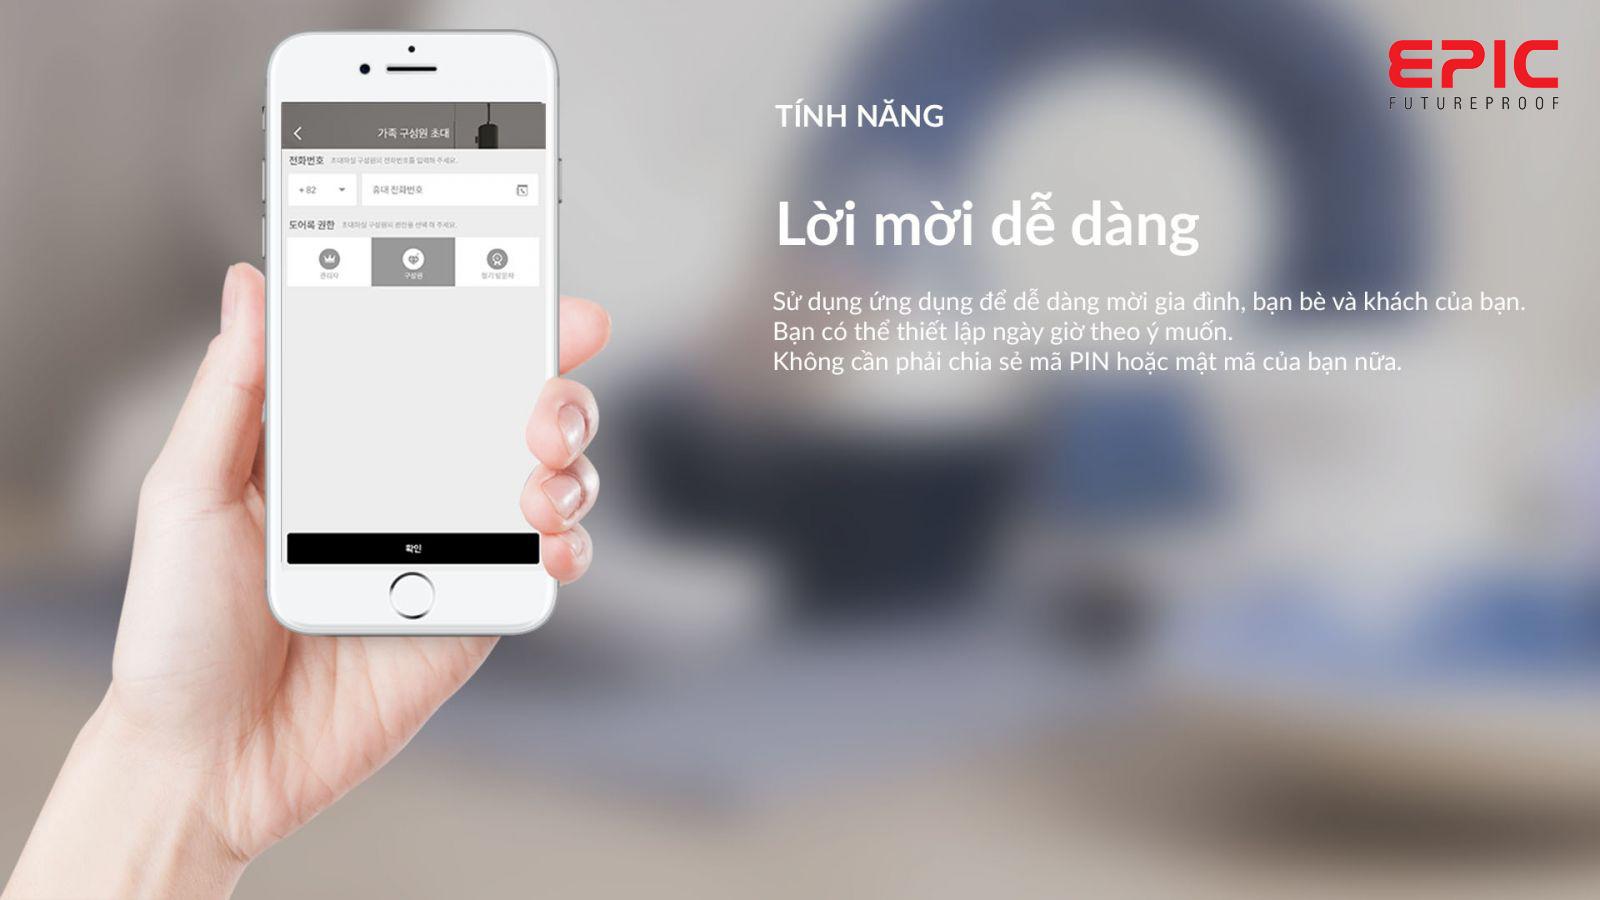 tinh-nang-wifi-khoa-dien-tu-epic